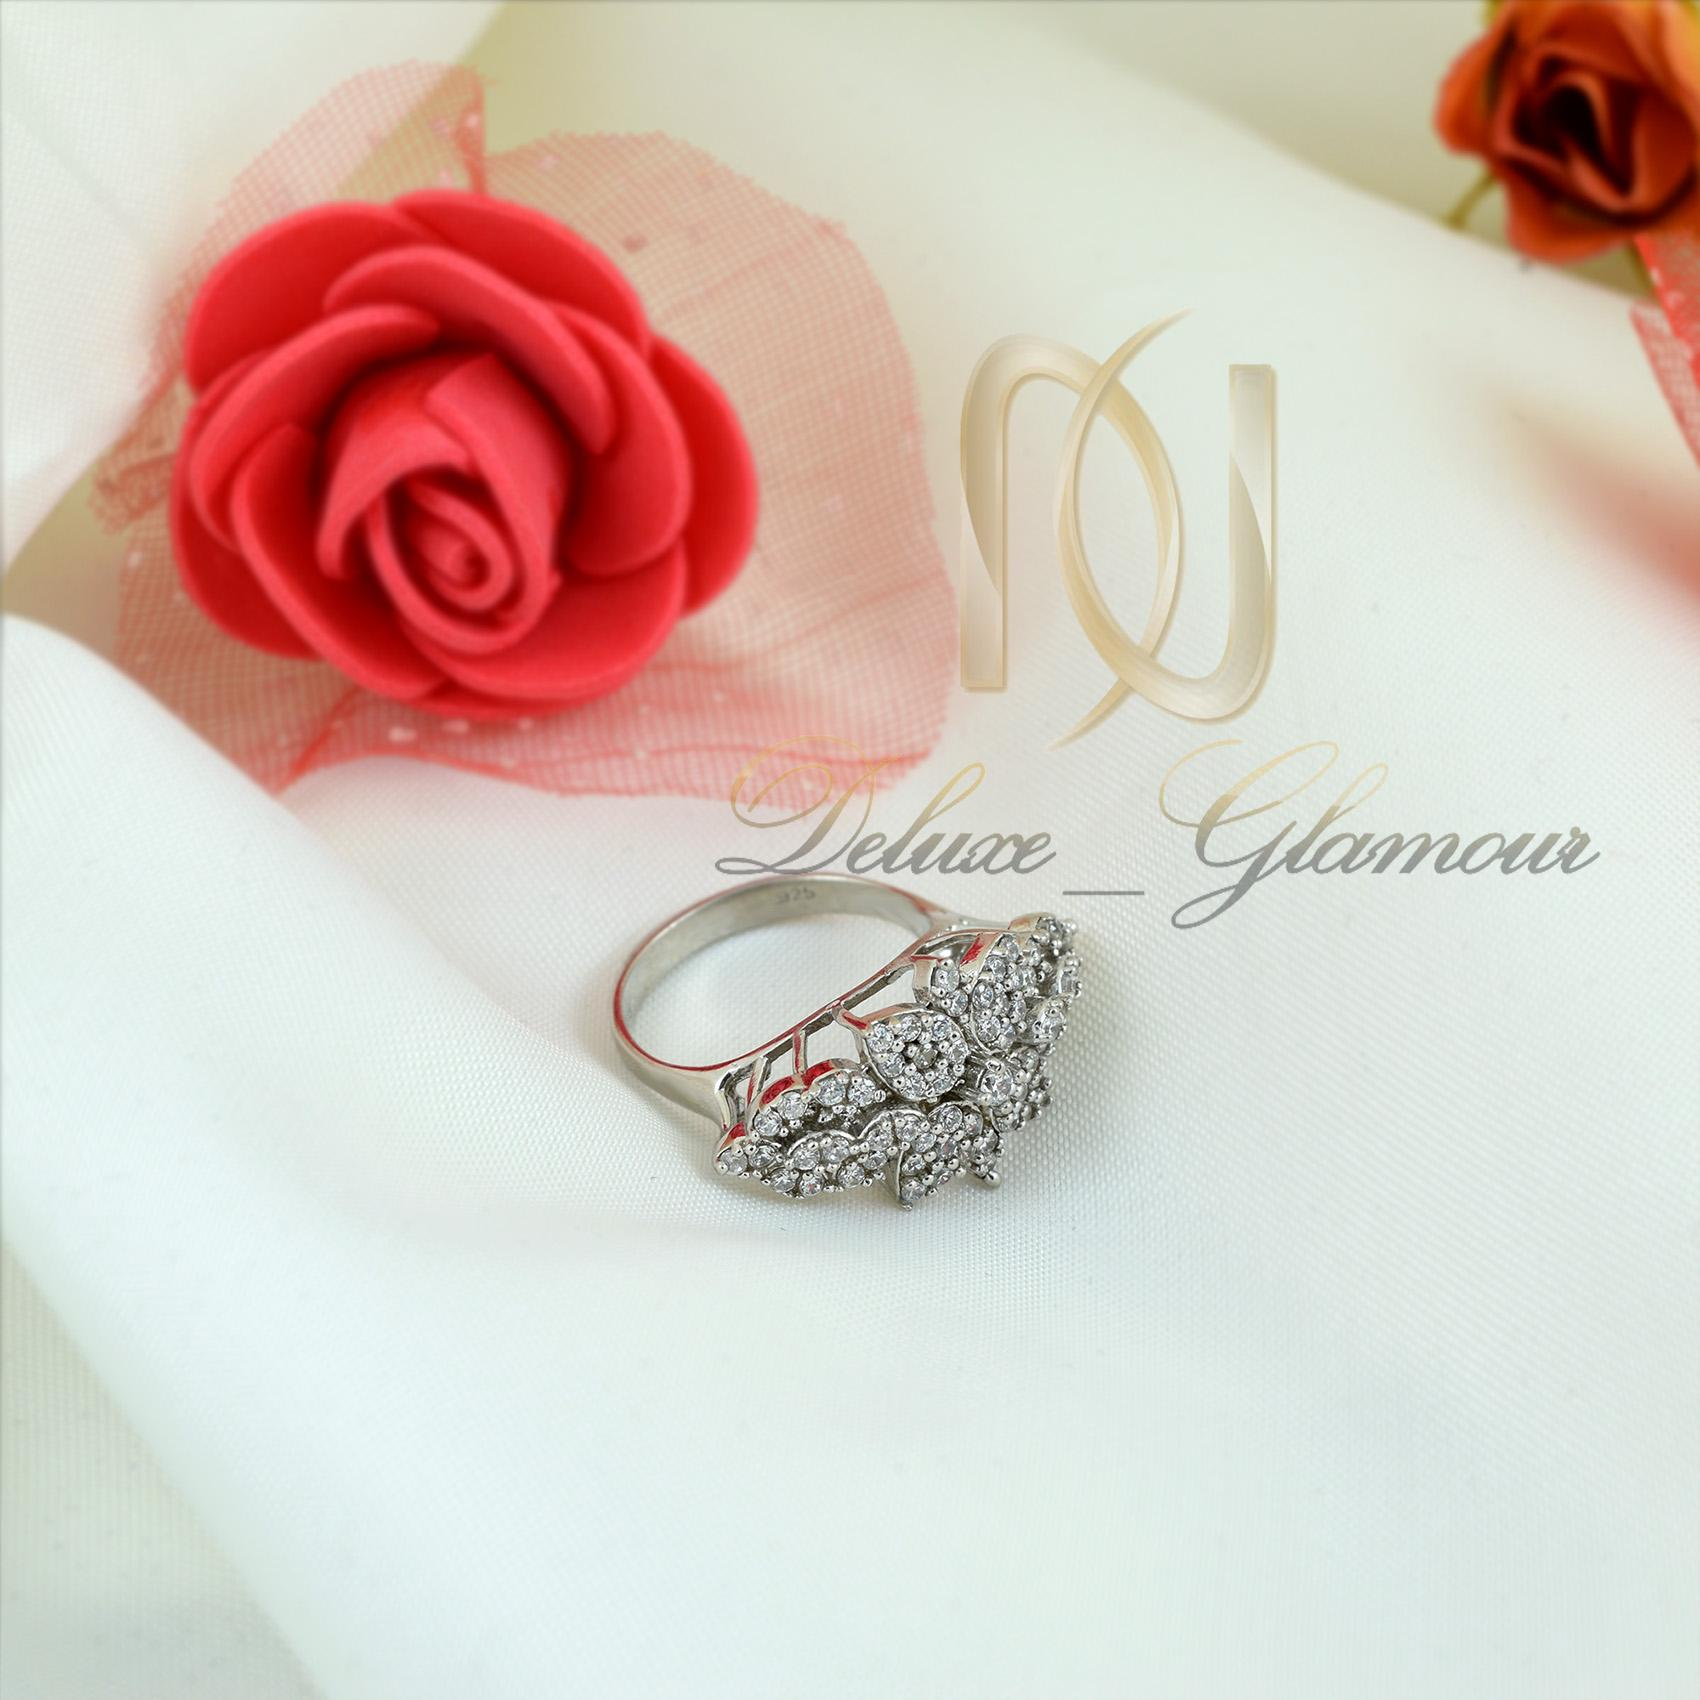 انگشتر نقره زنانه طرح گل rg-n339 از نماي بالا